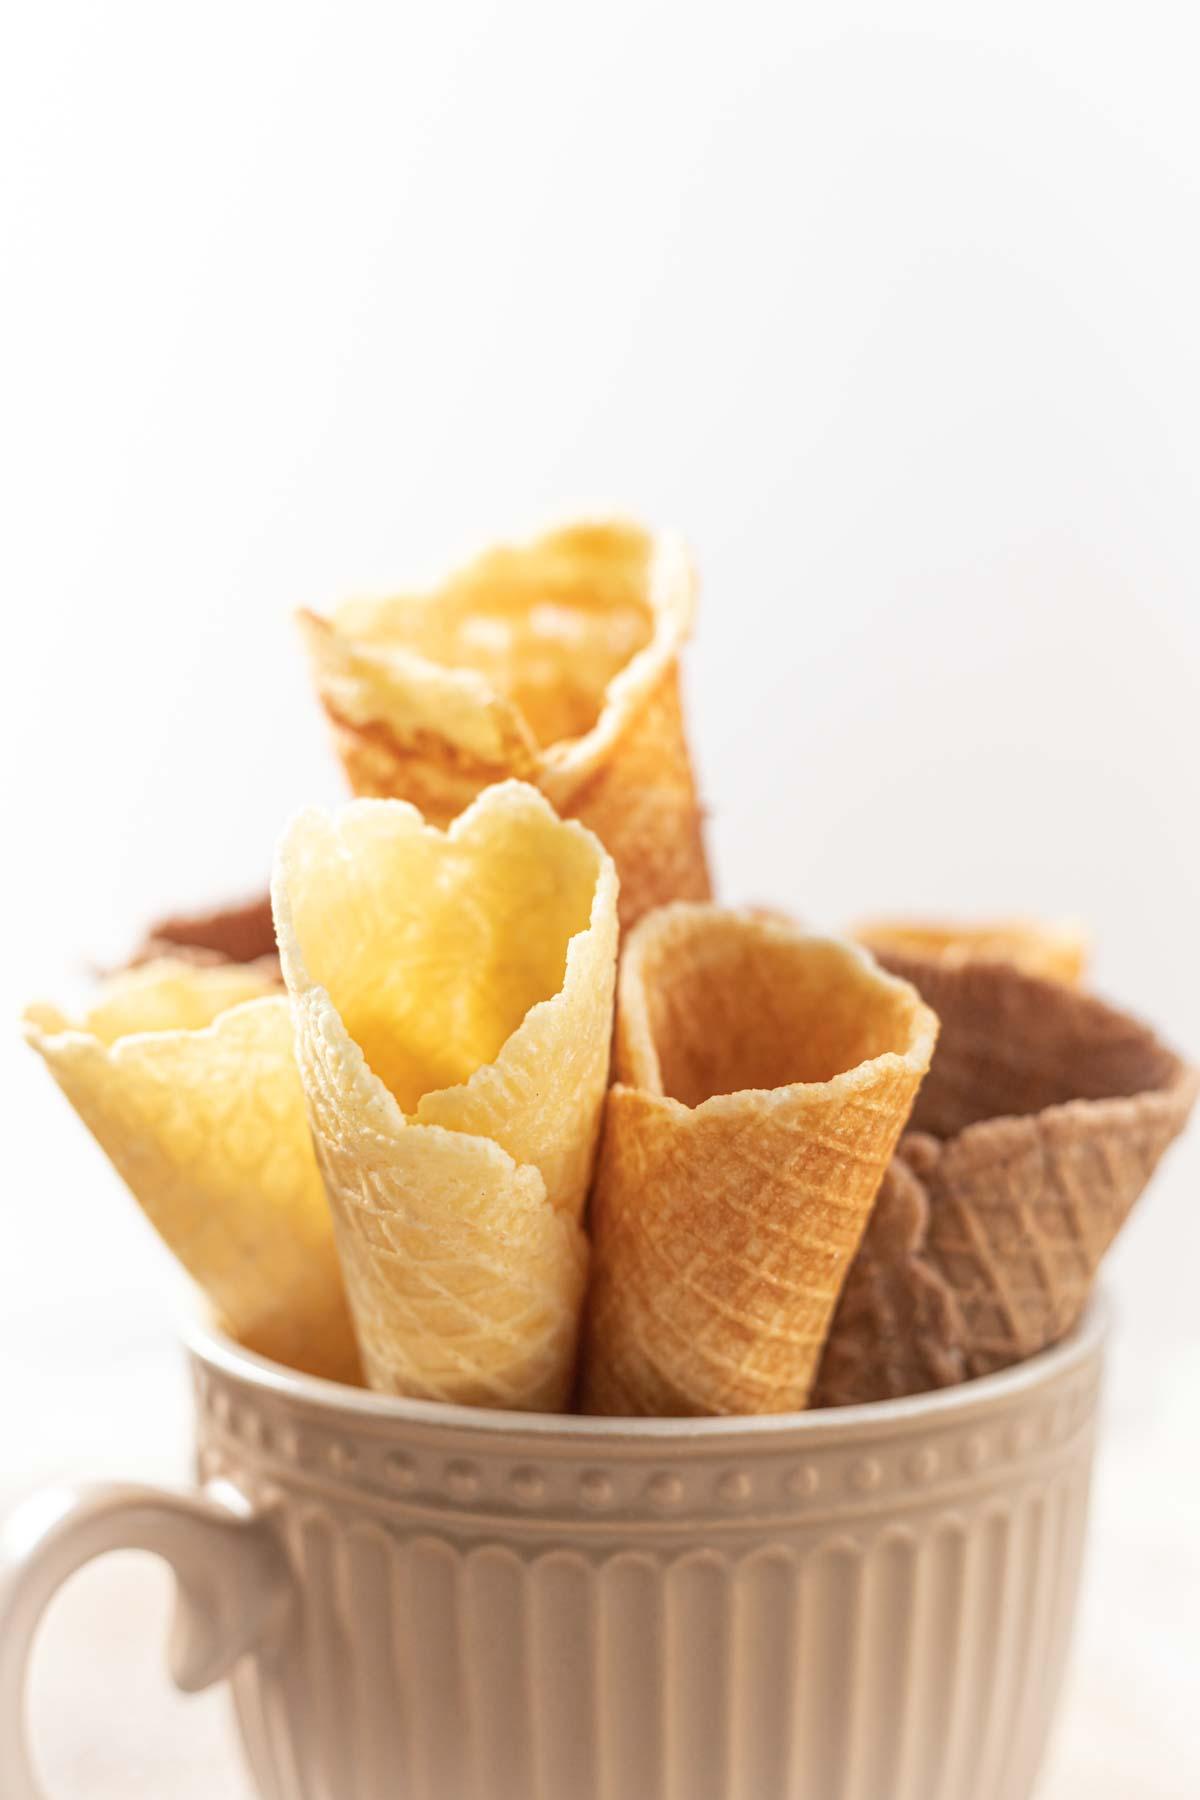 Sugar-Free Ice Cream Cones in a cup